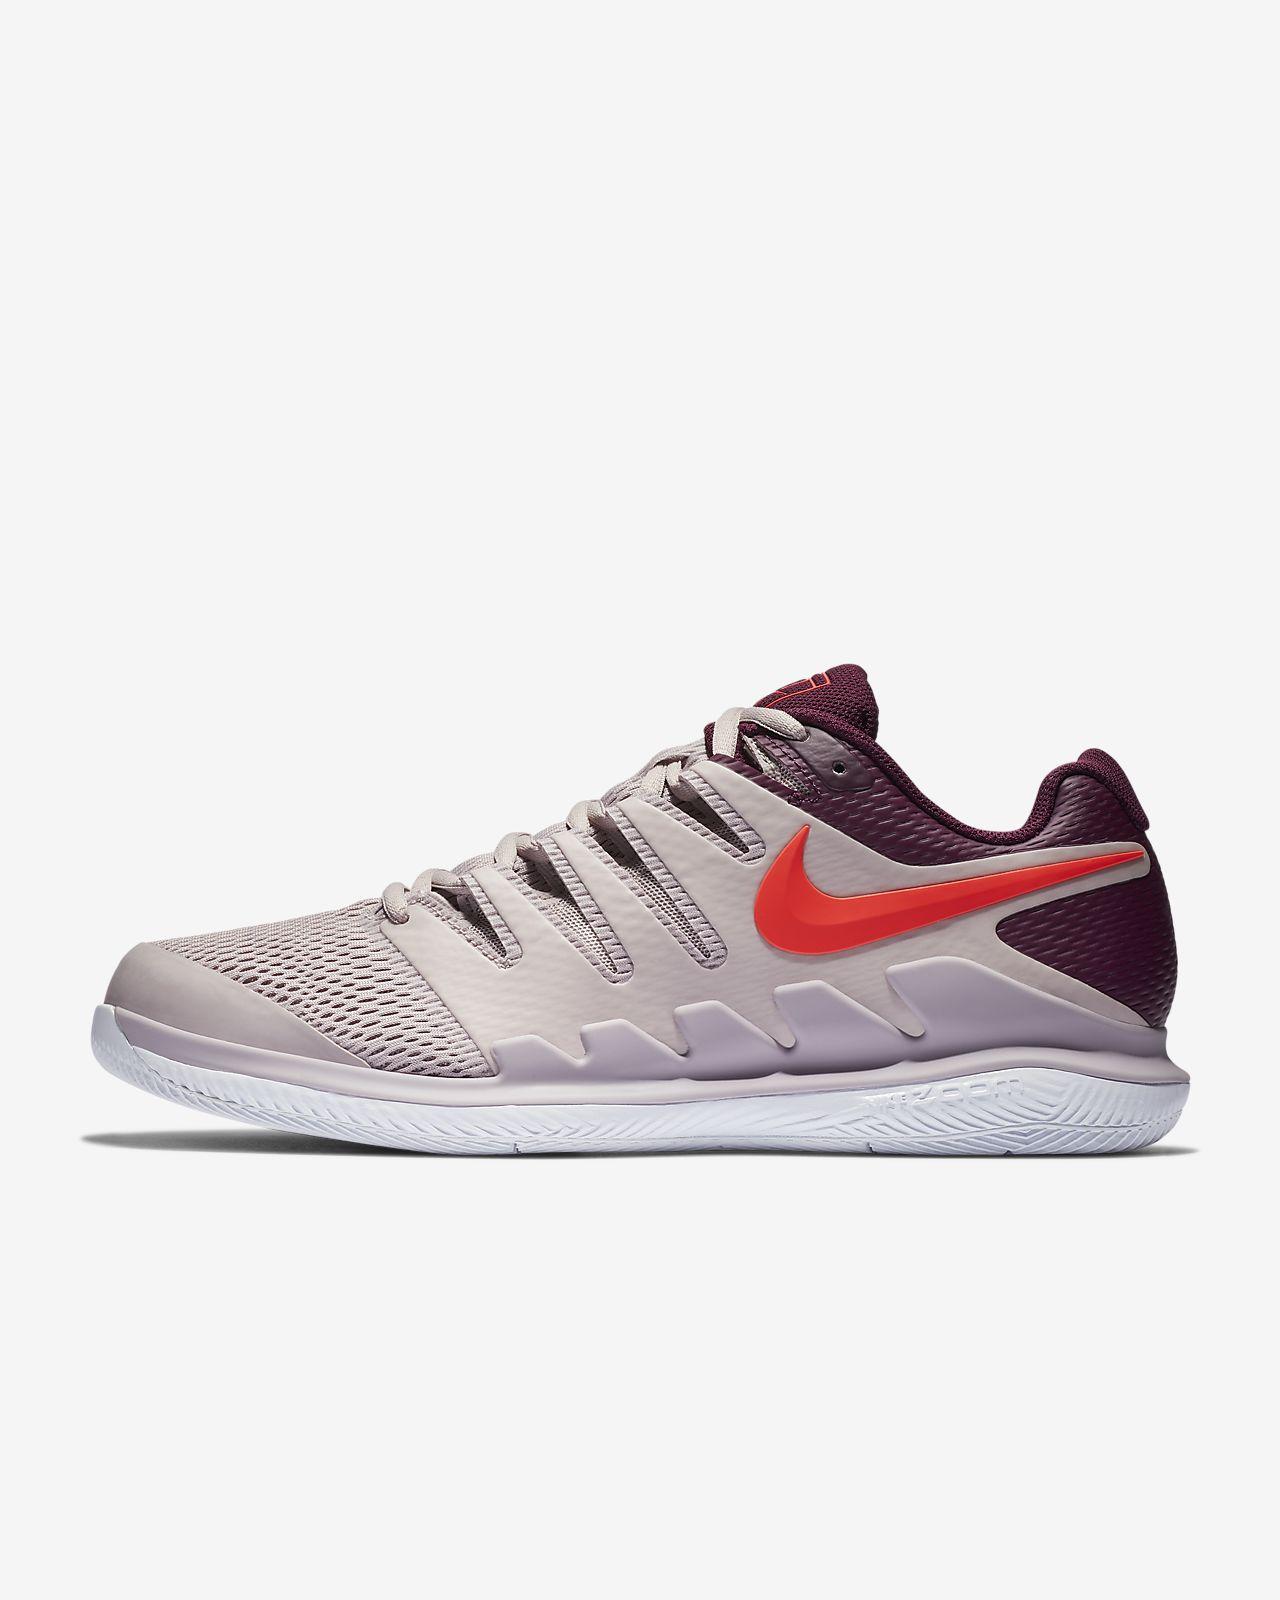 c0fef00ff1c Chaussure de tennis pour surface dure NikeCourt Air Zoom Vapor X pour Homme